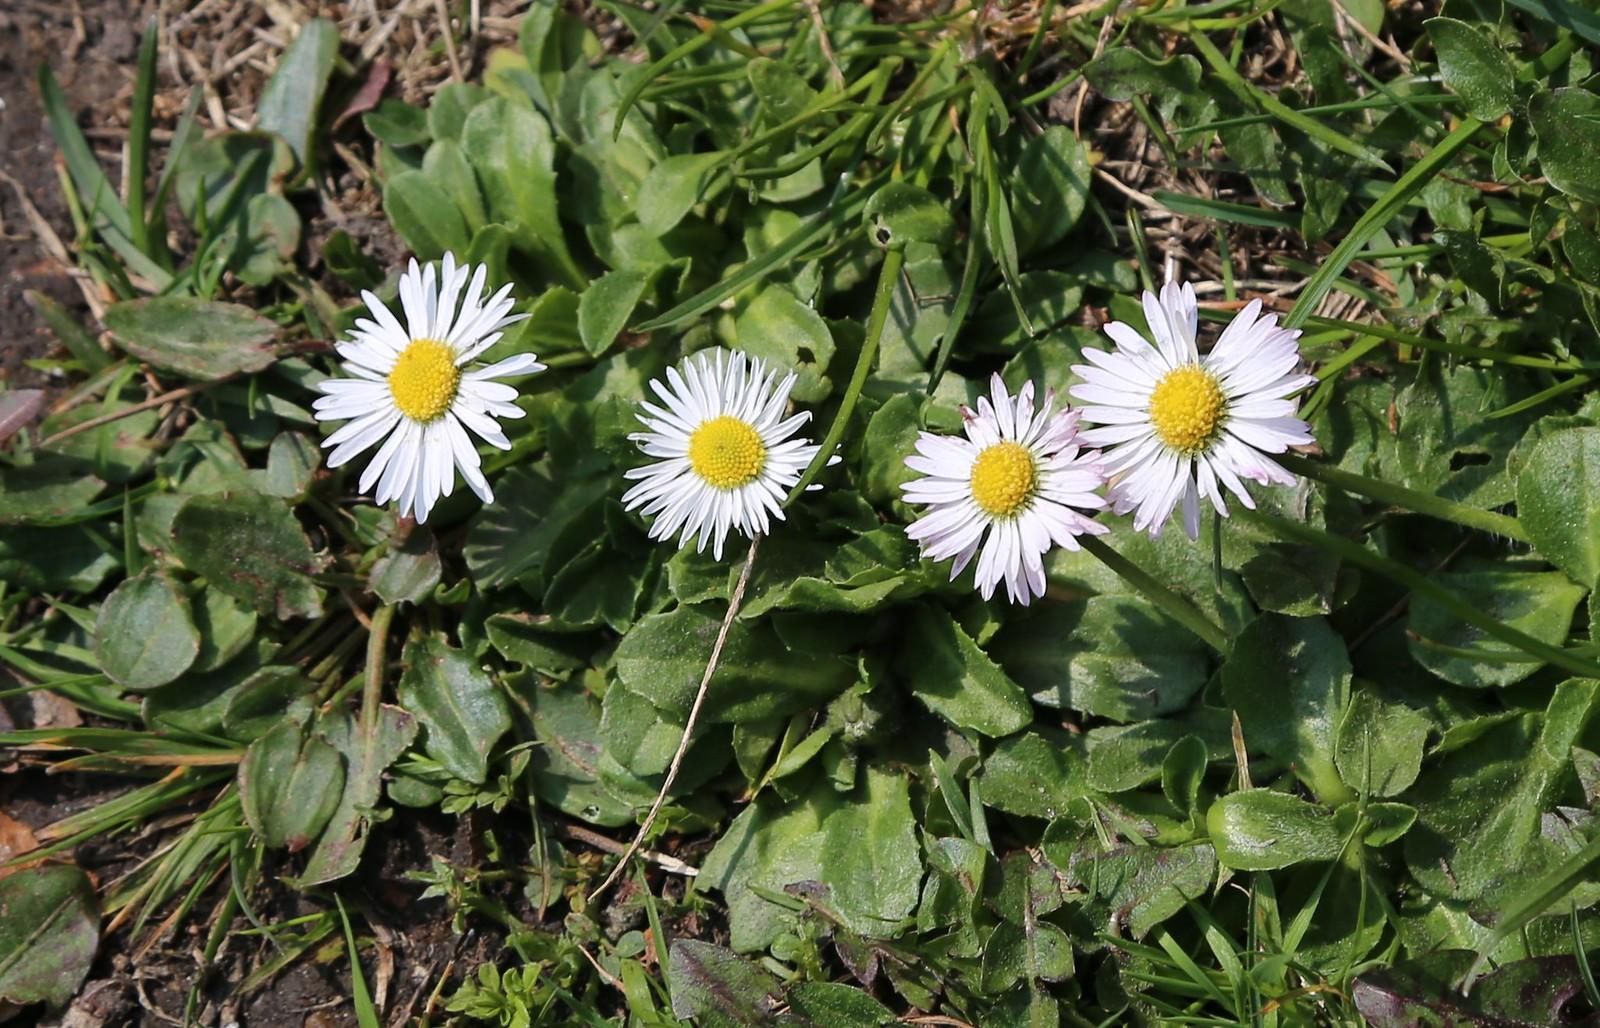 Four daisies near Frant